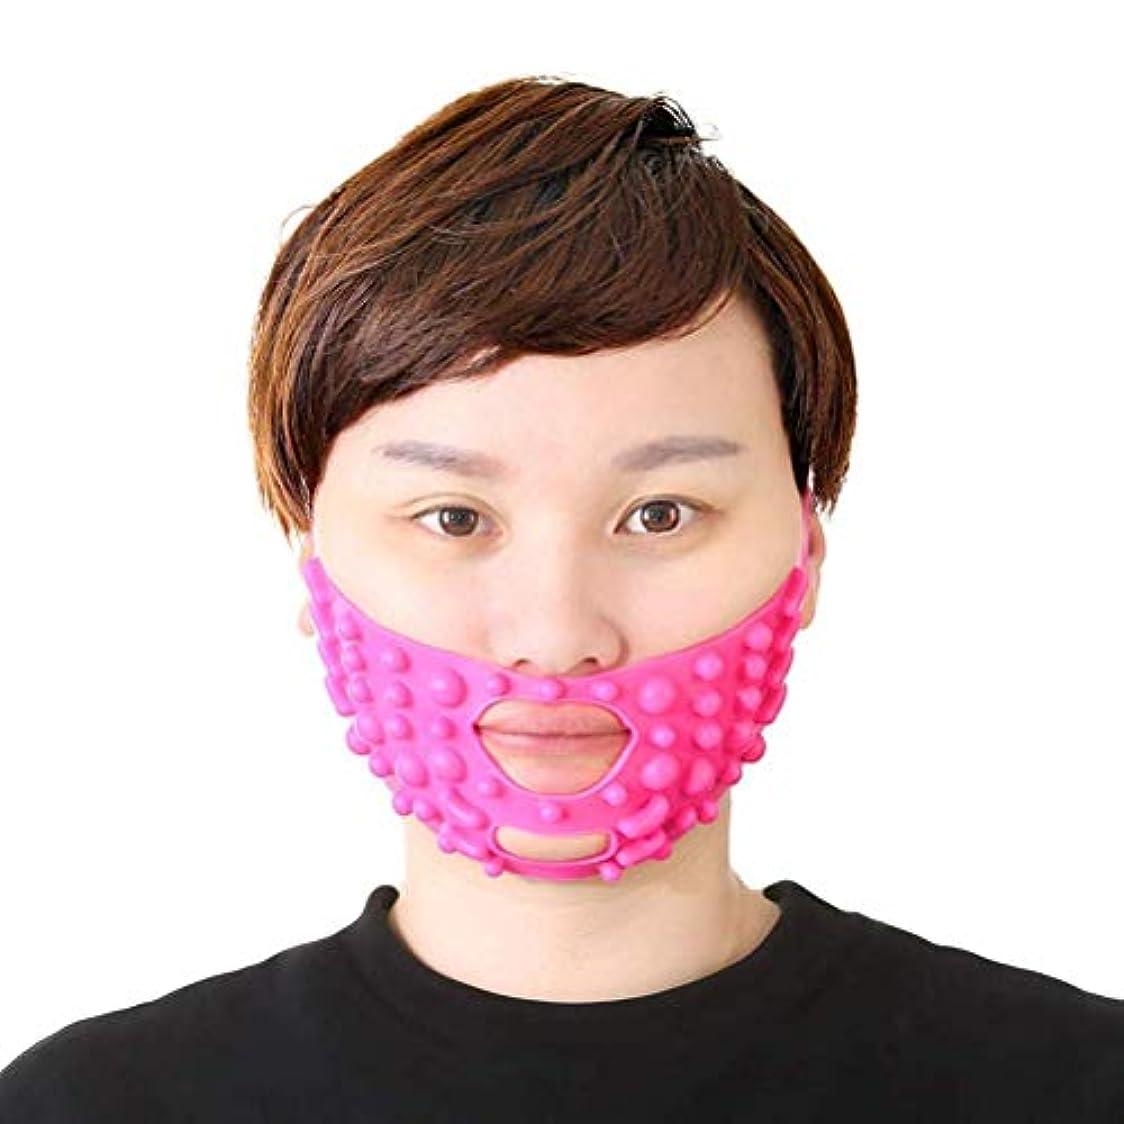 マスク周り年次二重あごベルト、薄いフェイスマスク包帯、頬スリムVフェイスベルト、痩身包帯通気性ストレッチ